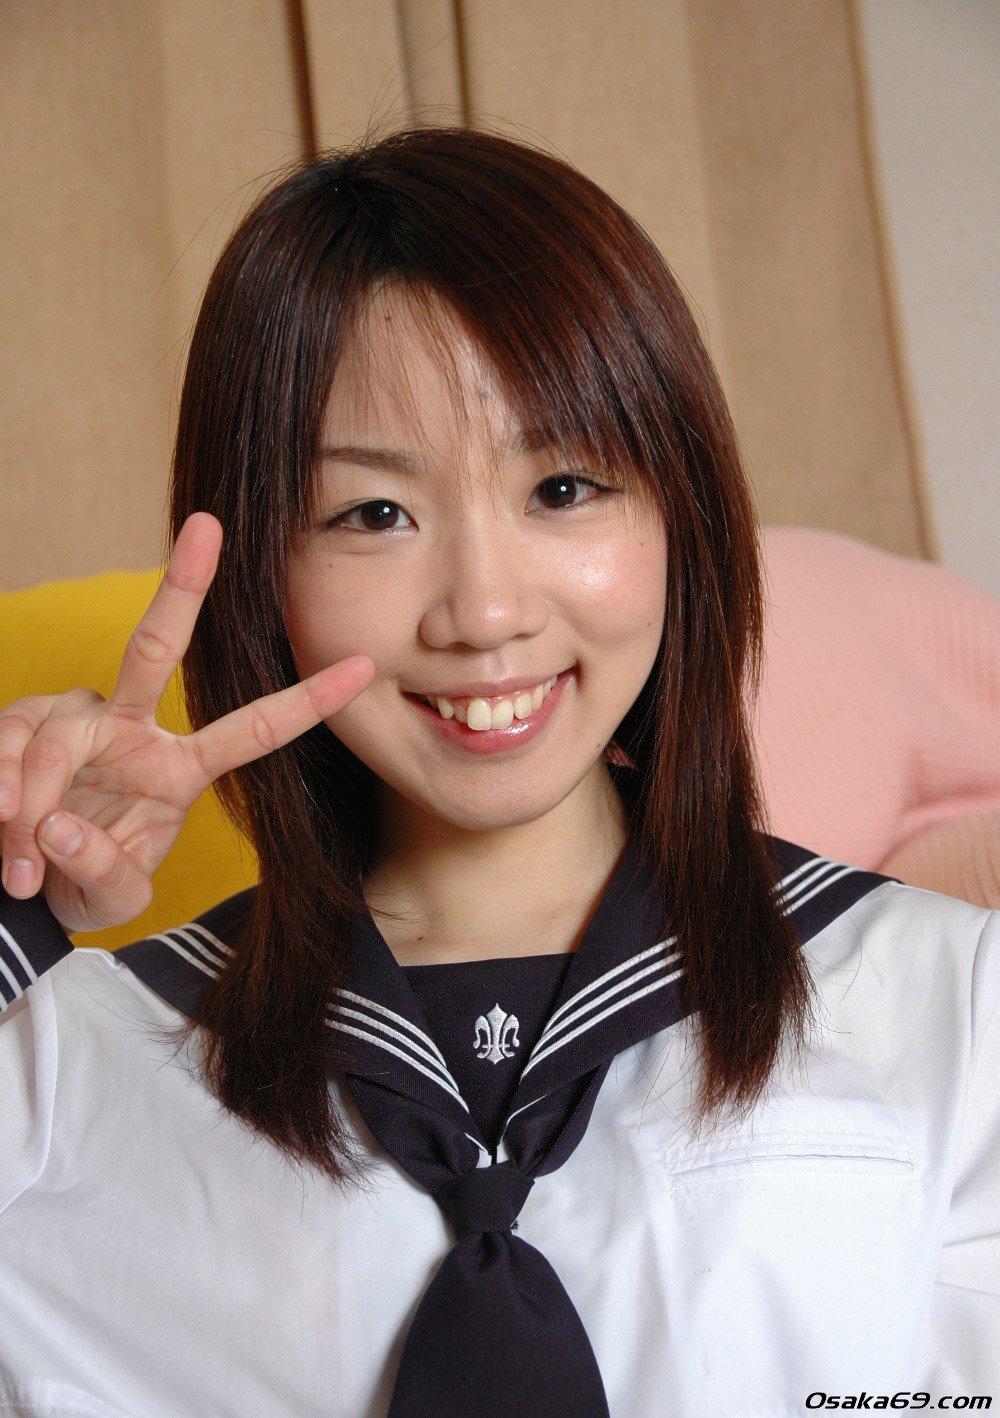 Asian school girl creampie